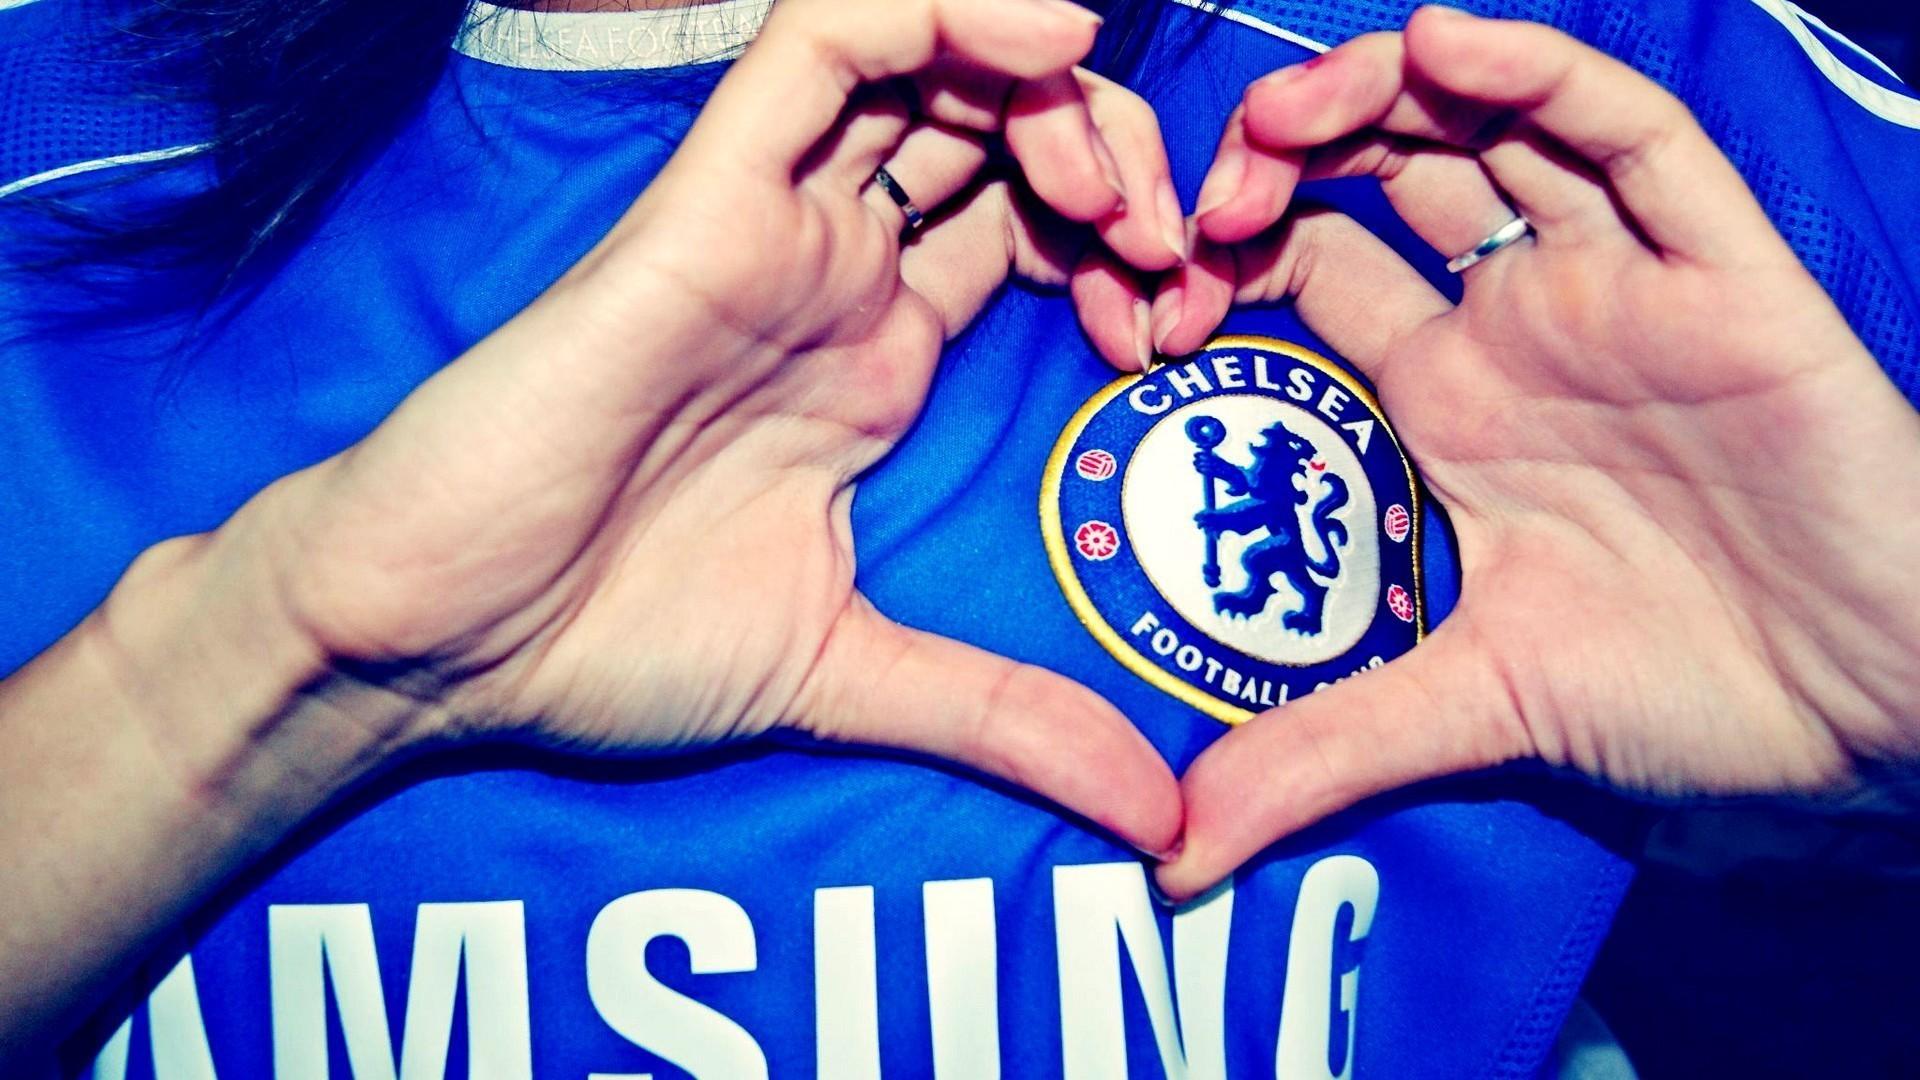 People 1920x1080 Chelsea Chelsea FC soccer soccer clubs hands sports jerseys Premier League sport  sports logo